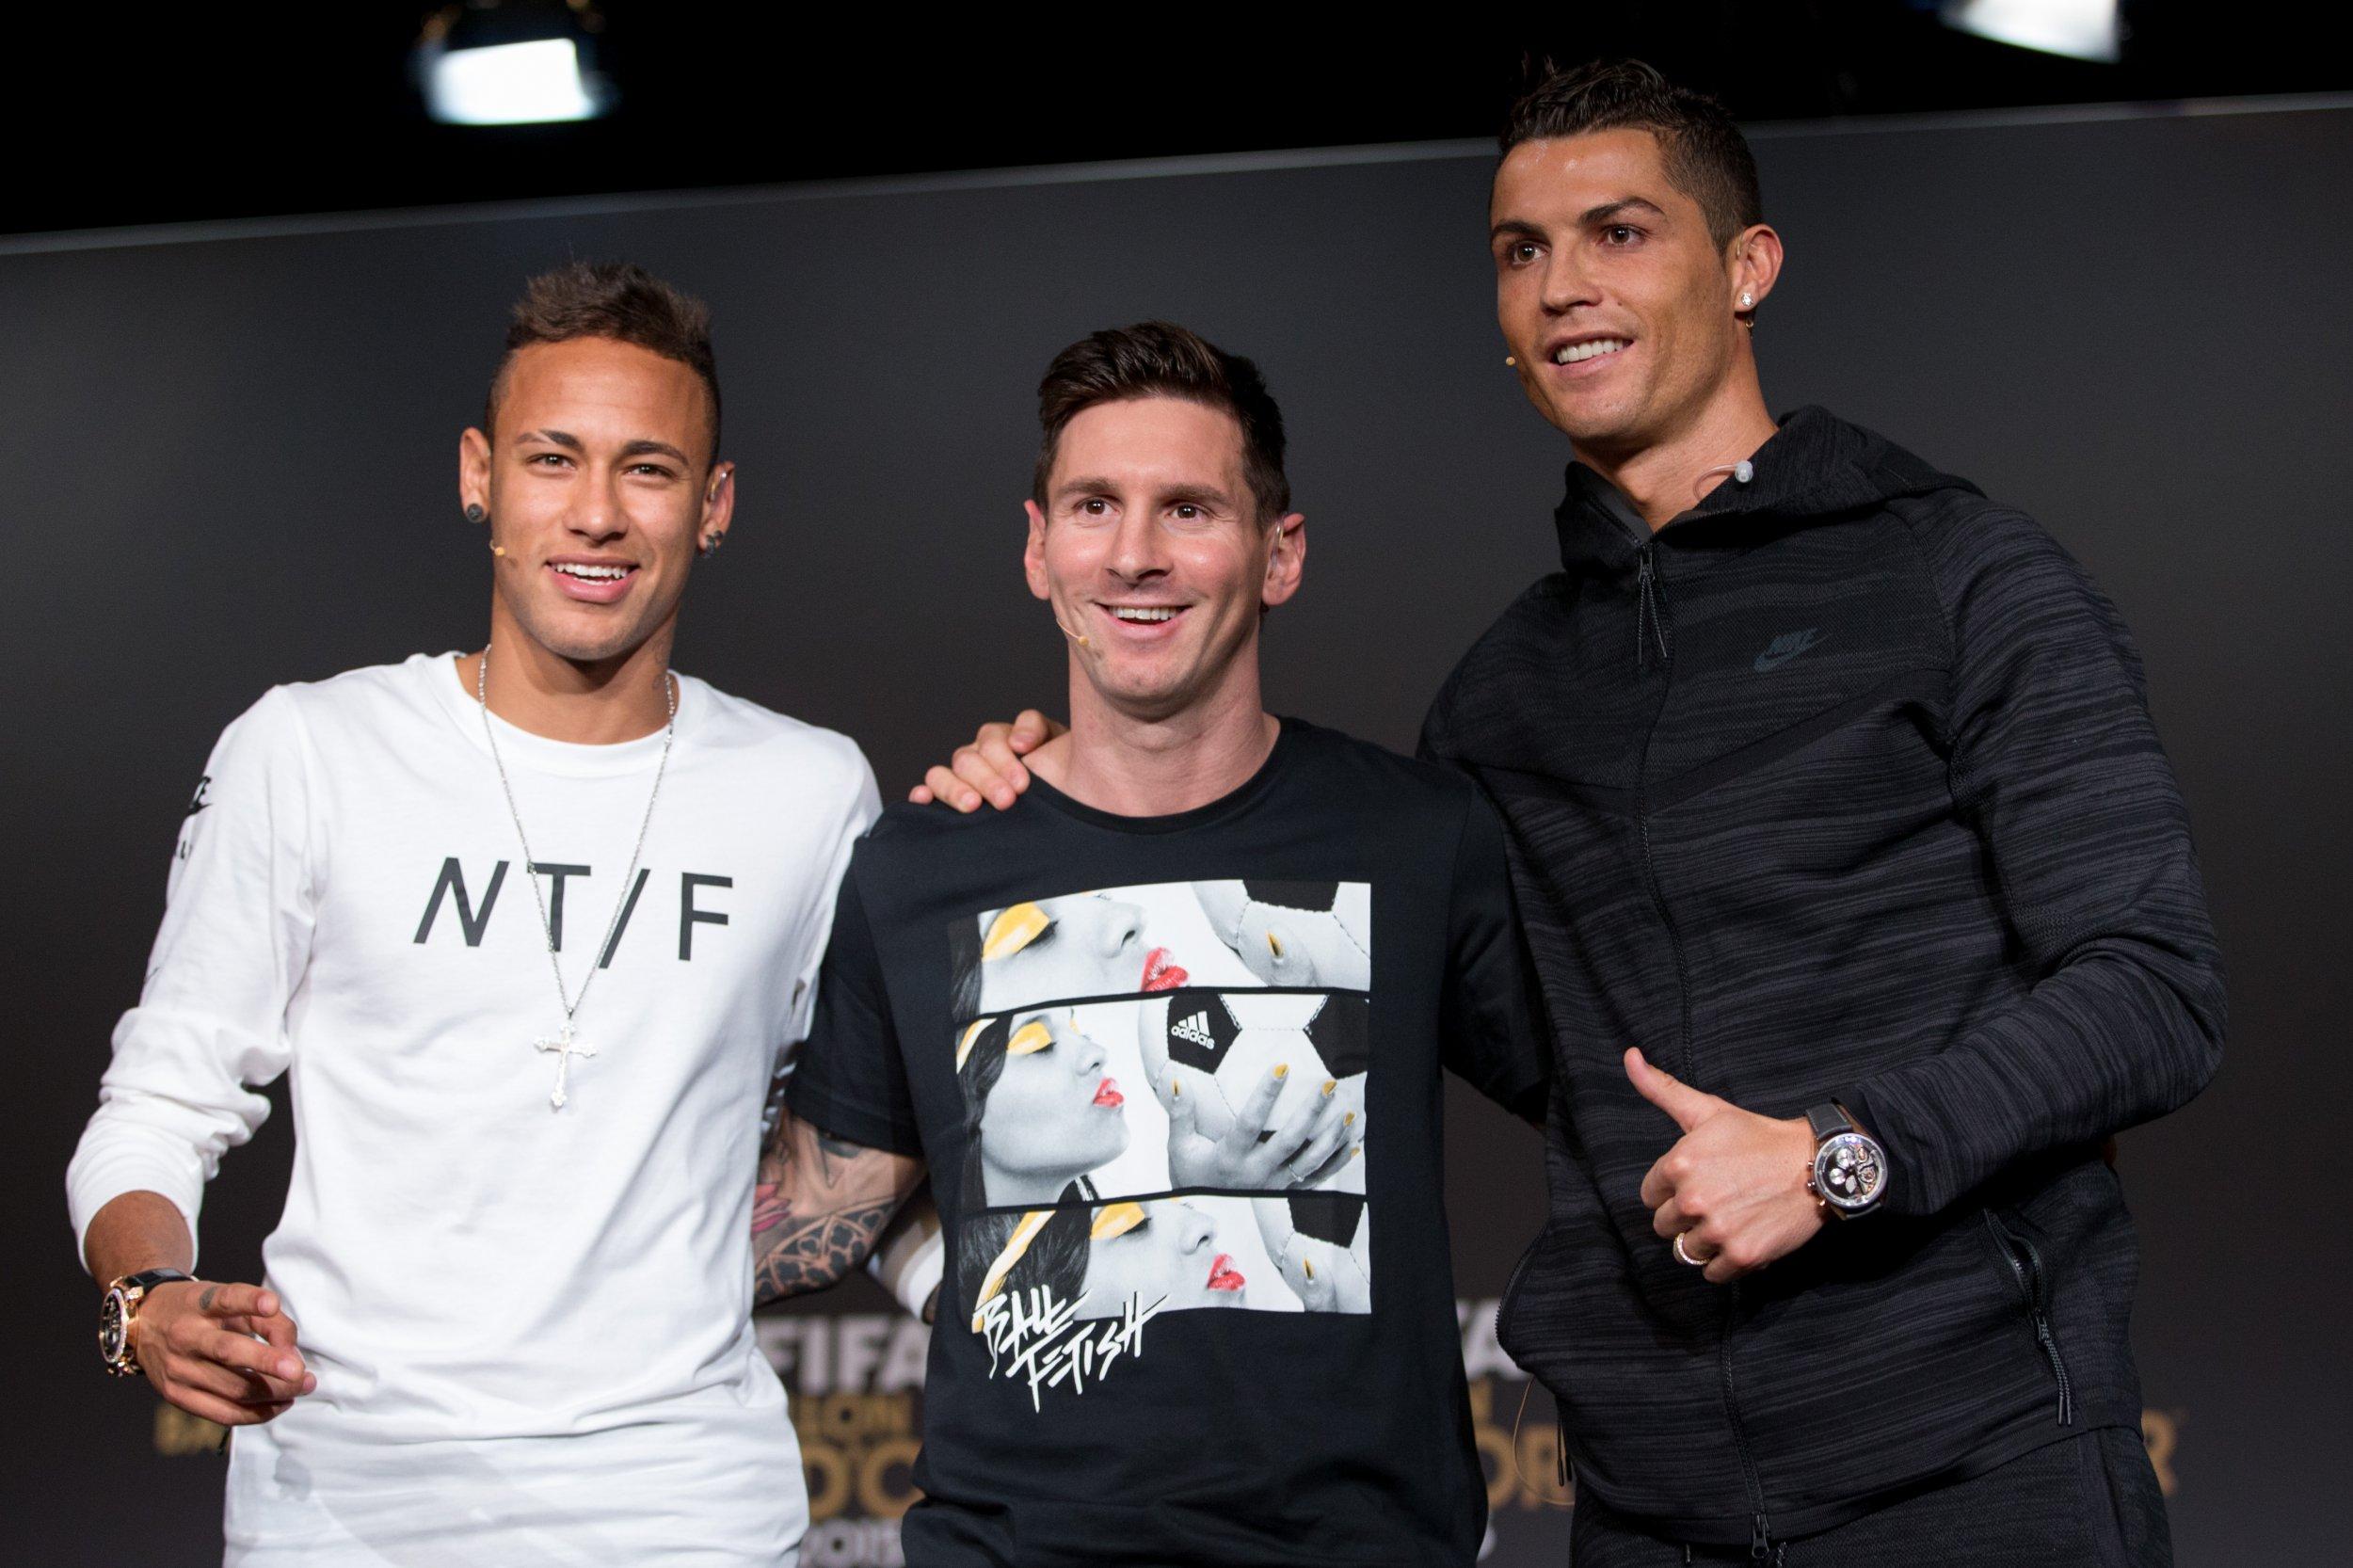 Neymar, Messi, and Ronaldo